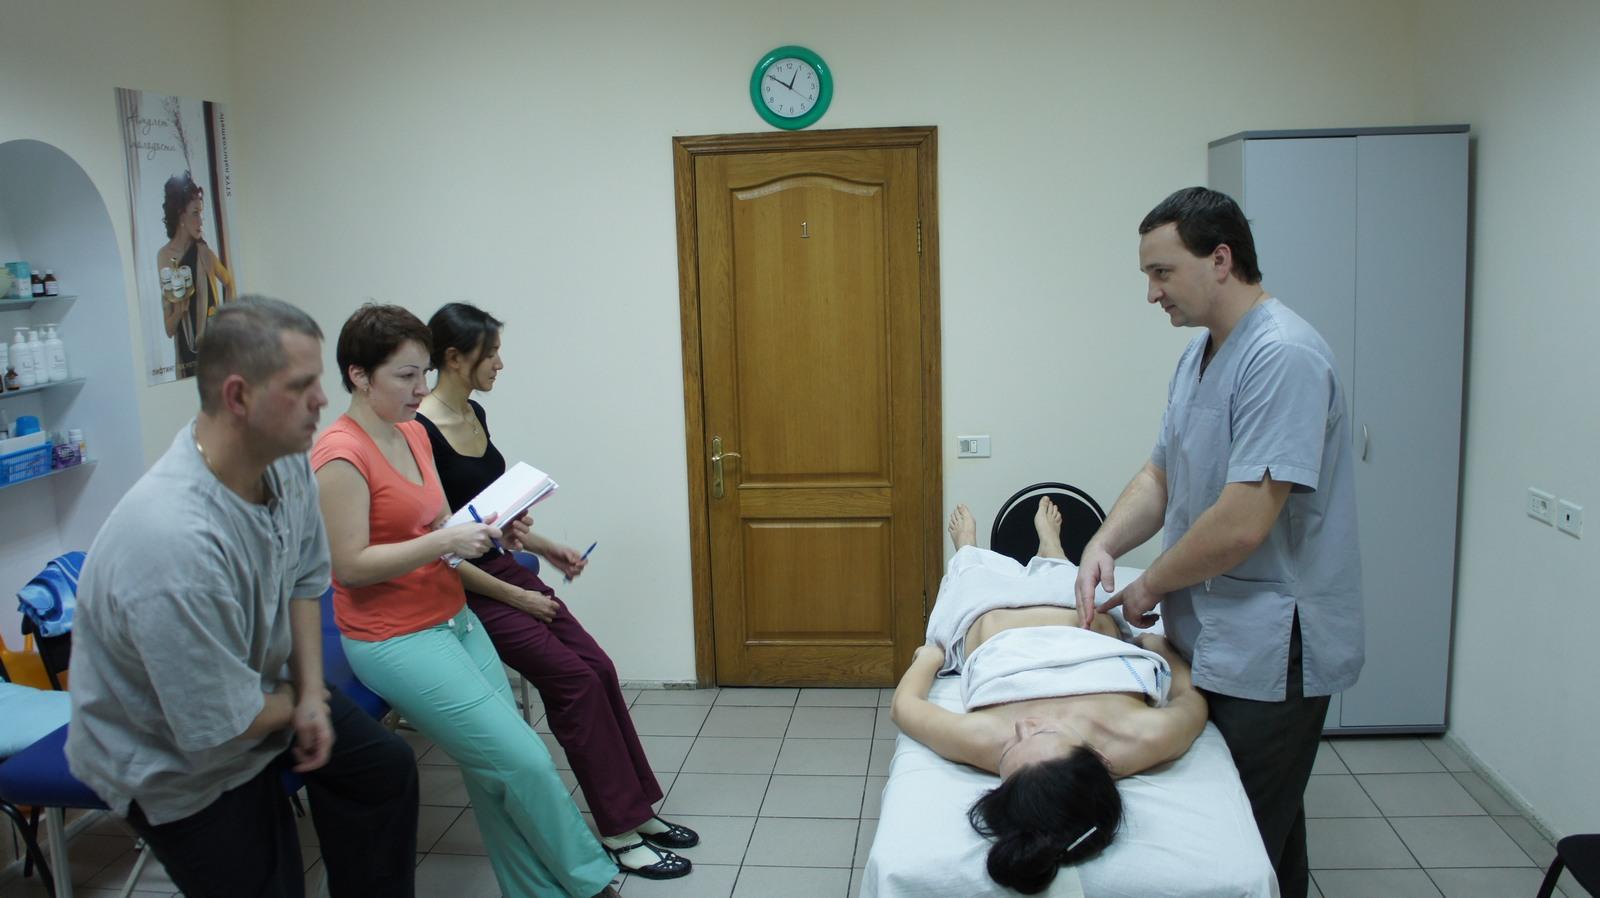 Для Мобильных обучение на массажиста с медицинским образованием свои картины академических